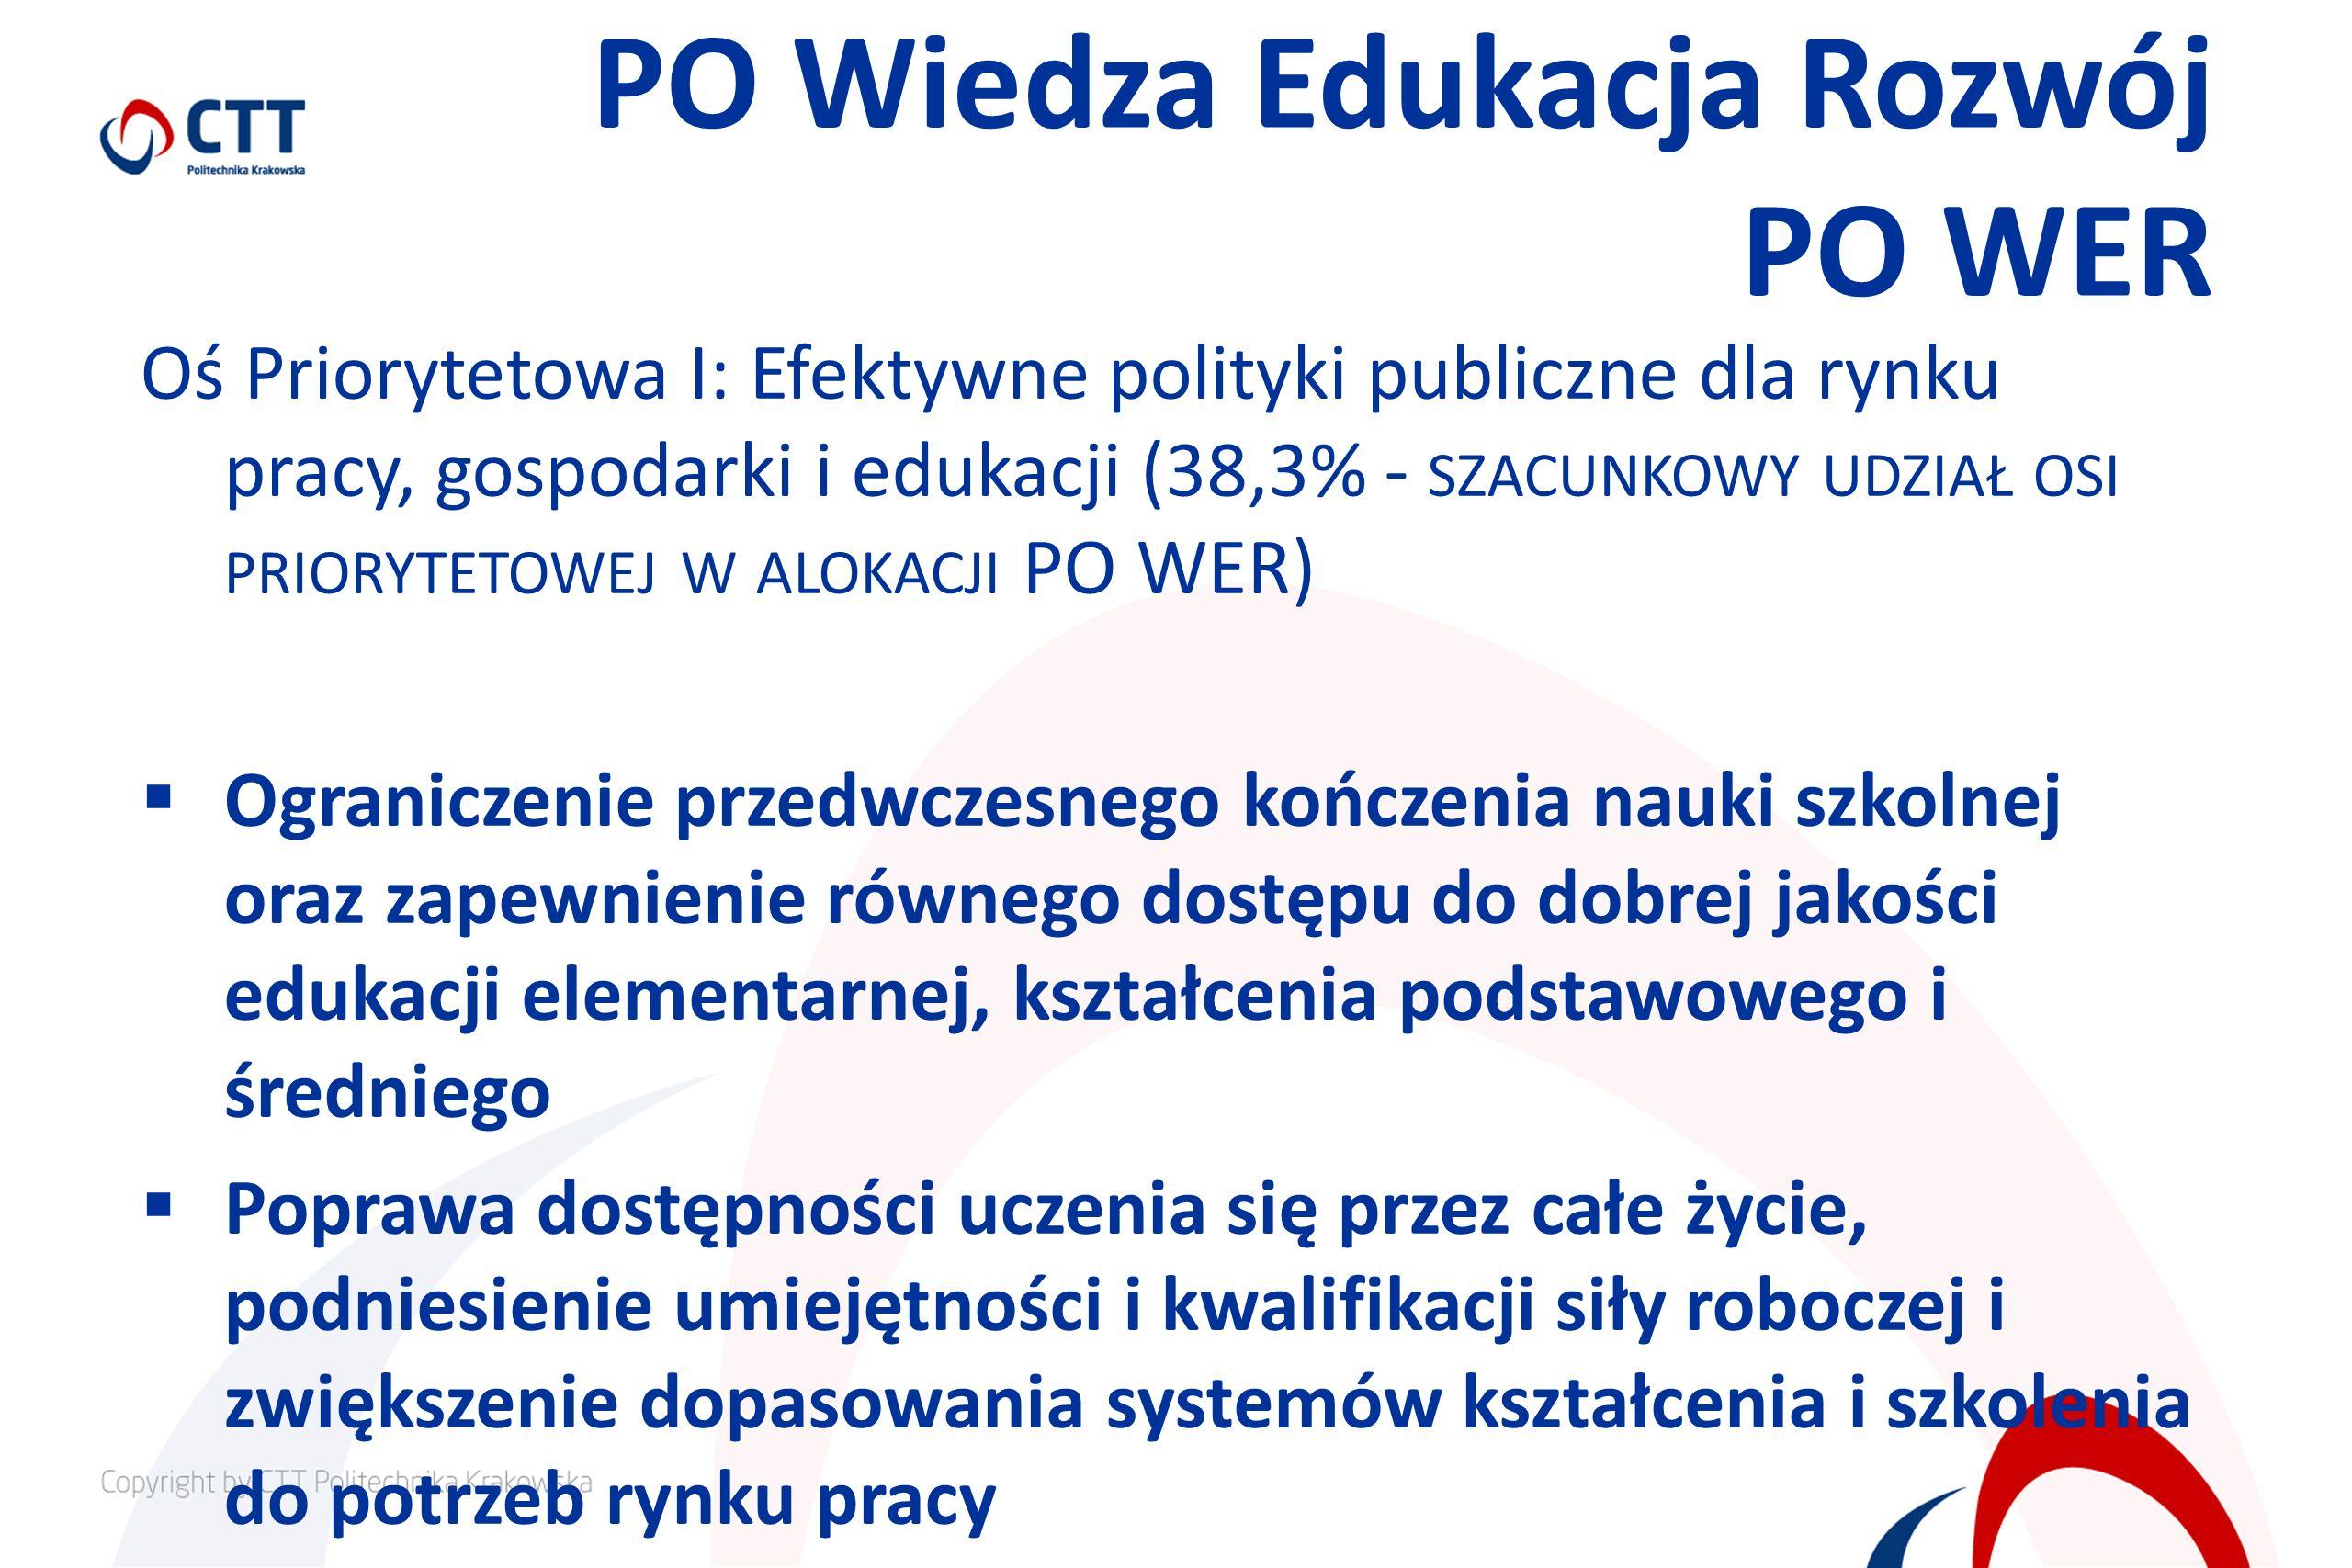 PO Wiedza Edukacja Rozwój PO WER Oś Priorytetowa I: Efektywne polityki publiczne dla rynku pracy, gospodarki i edukacji (38,3% - SZACUNKOWY UDZIAŁ OSI PRIORYTETOWEJ W ALOKACJI PO WER) Ograniczenie przedwczesnego kończenia nauki szkolnej oraz zapewnienie równego dostępu do dobrej jakości edukacji elementarnej, kształcenia podstawowego i średniego Poprawa dostępności uczenia się przez całe życie, podniesienie umiejętności i kwalifikacji siły roboczej i zwiększenie dopasowania systemów kształcenia i szkolenia do potrzeb rynku pracy